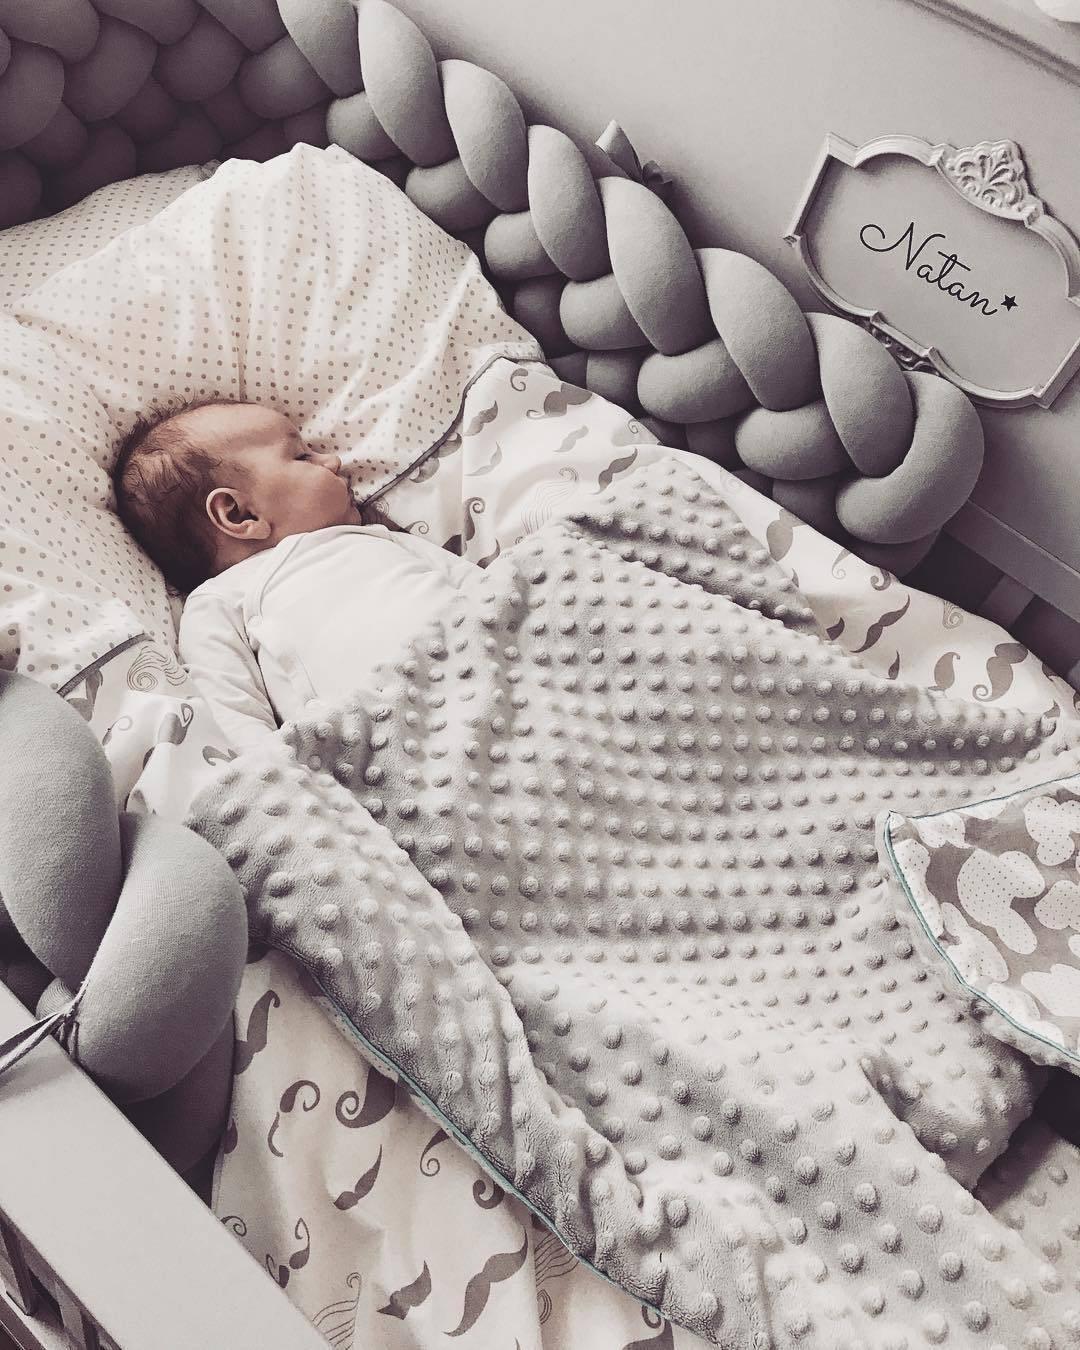 300 cm Bébé Nouveau-Né Lit Protecteur Pad Lit Pare-chocs Lit Pare-chocs Bébé Noeud Conception Tissage Corde Infantile Chambre Décor Literie accessoire